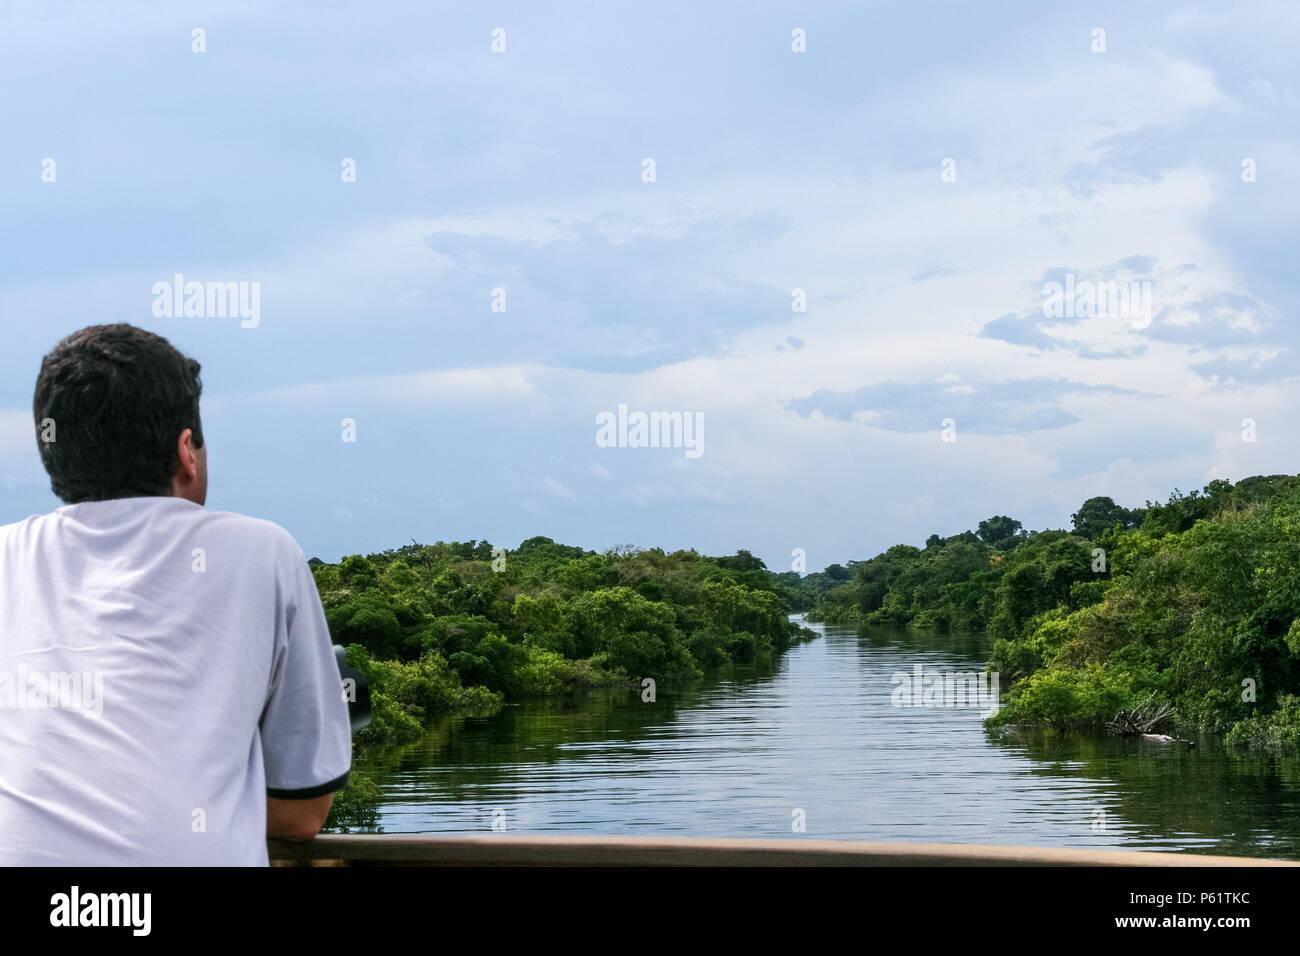 Amazonas, Brasile. Un turista contemplando la splendida vista del fiume Rio Negro durante la piena stagione con la foresta pluviale amazzonica in background. Foto Stock